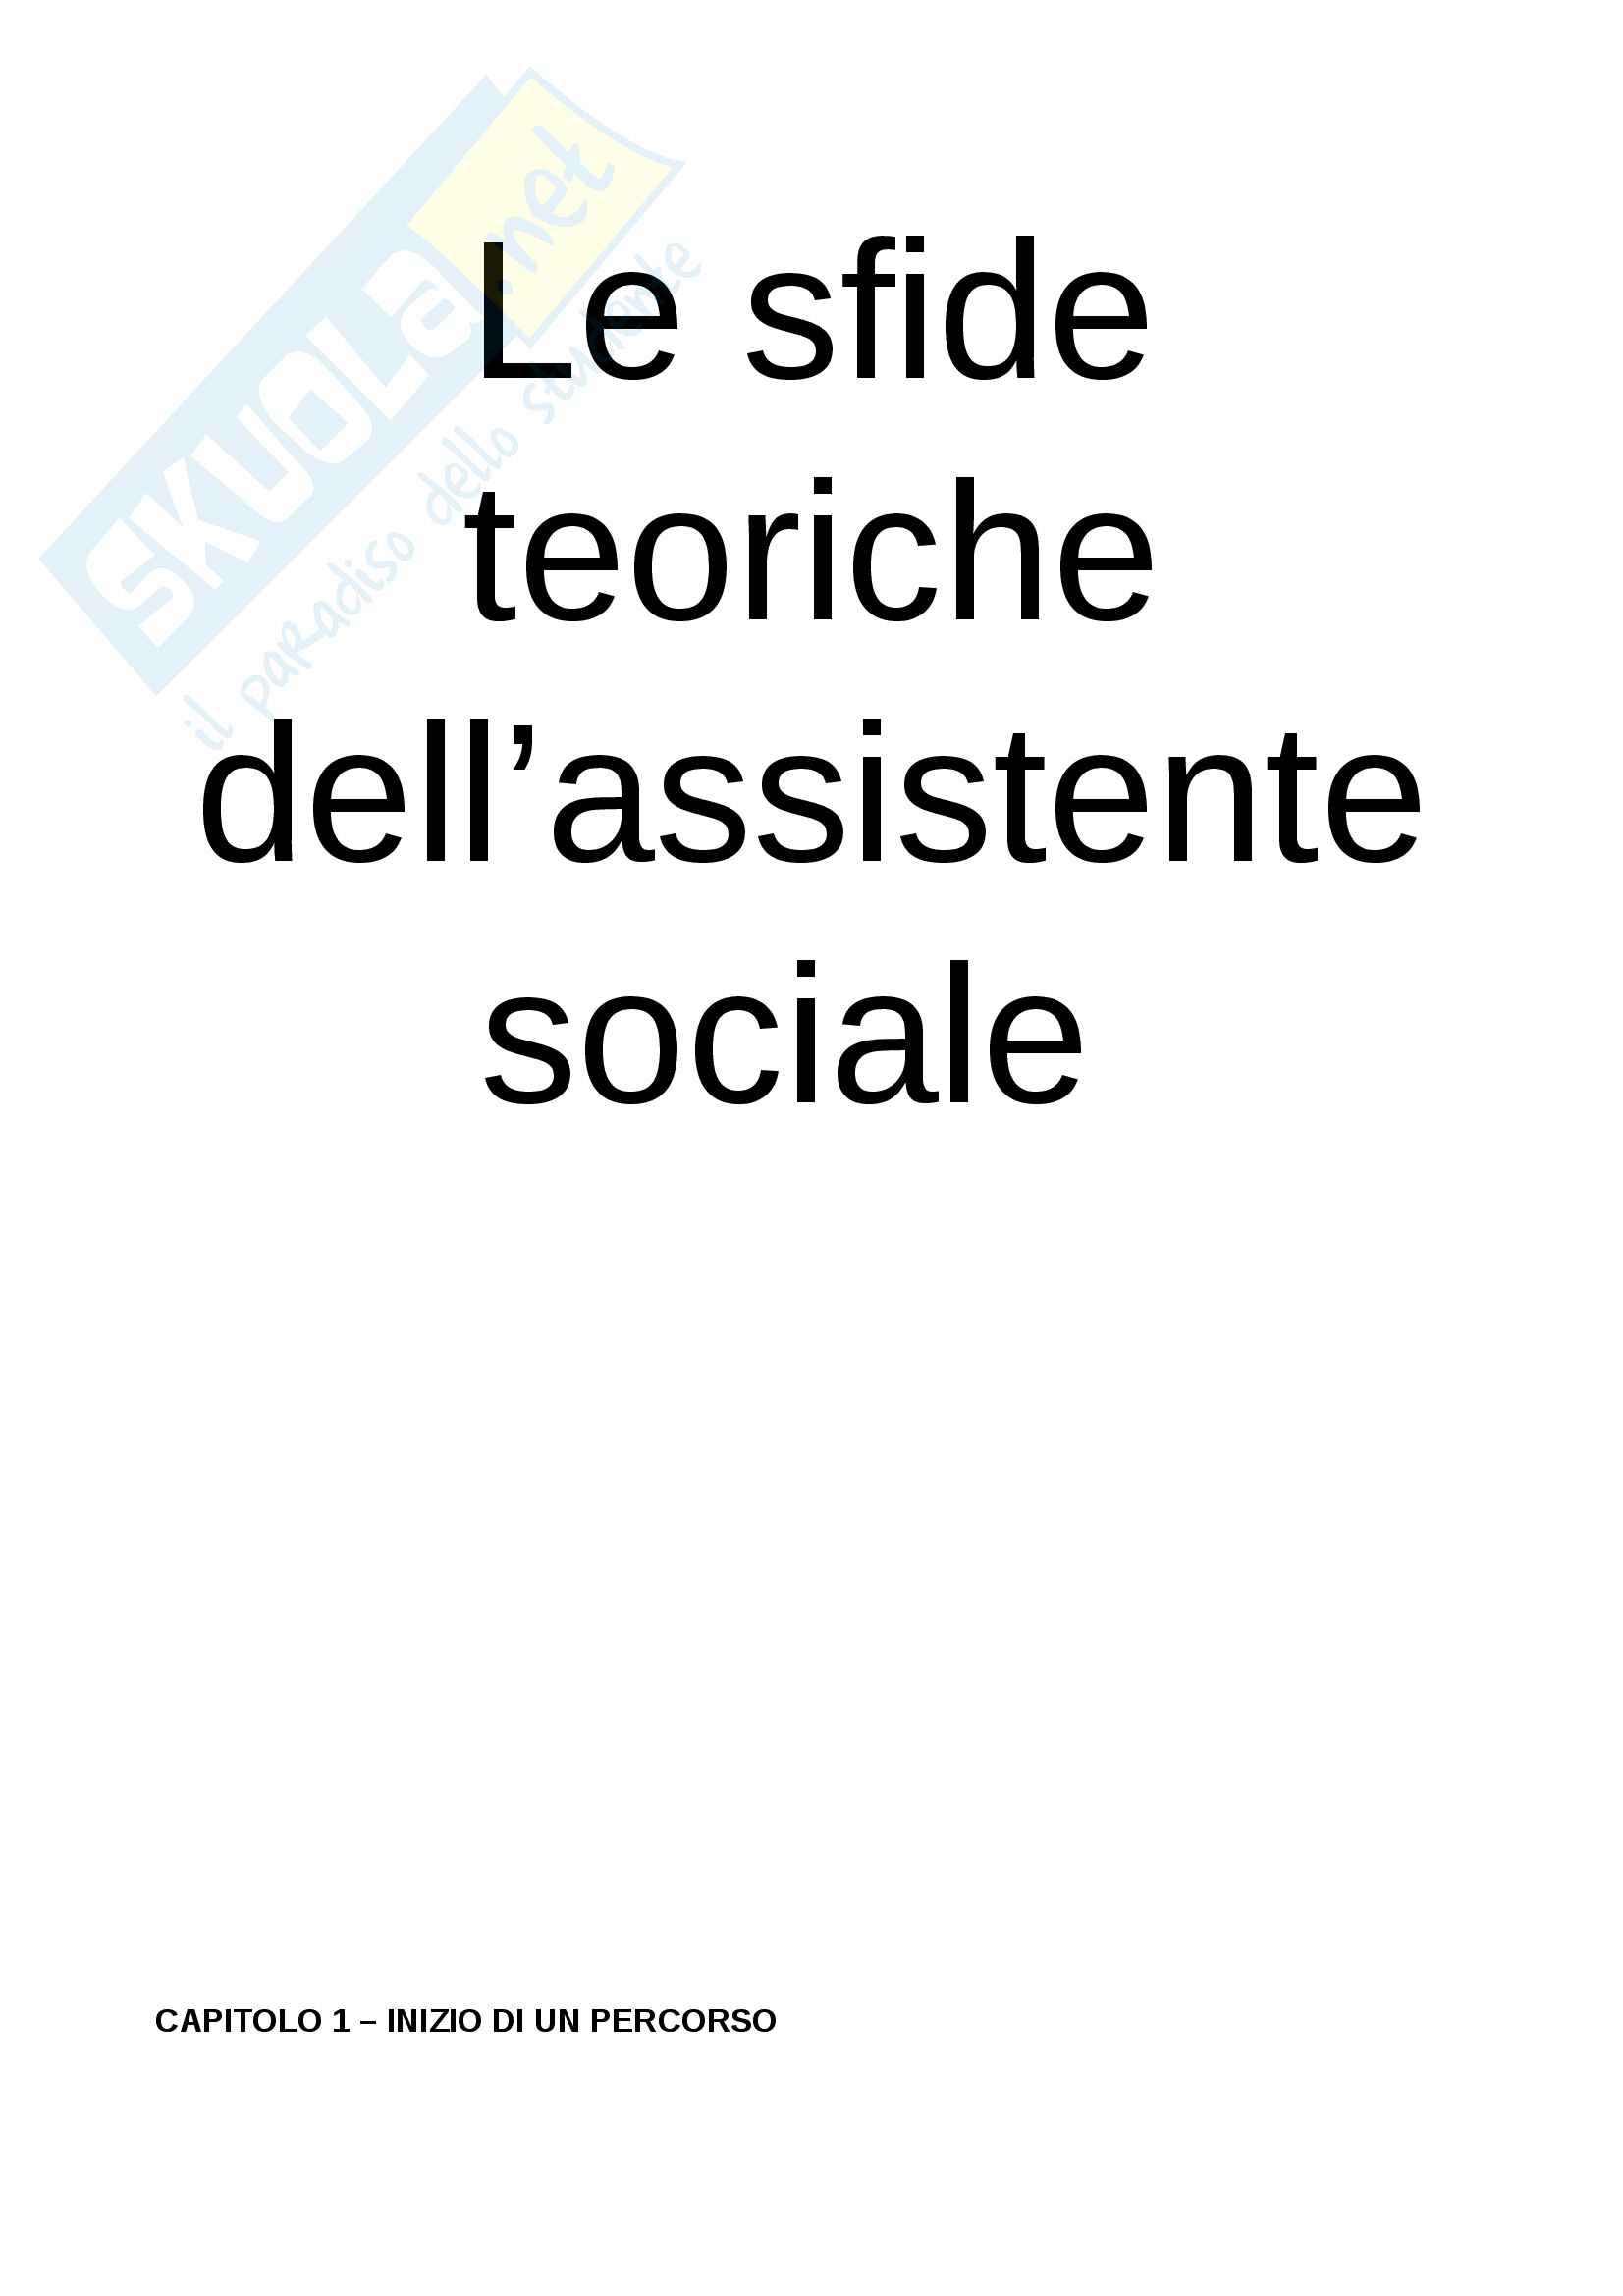 Riassunto per l'esame di tecniche e strumenti del servizio sociale, prof. Rovai, libro consigliato Le sfide teoriche dell'assistente sociale, Gui